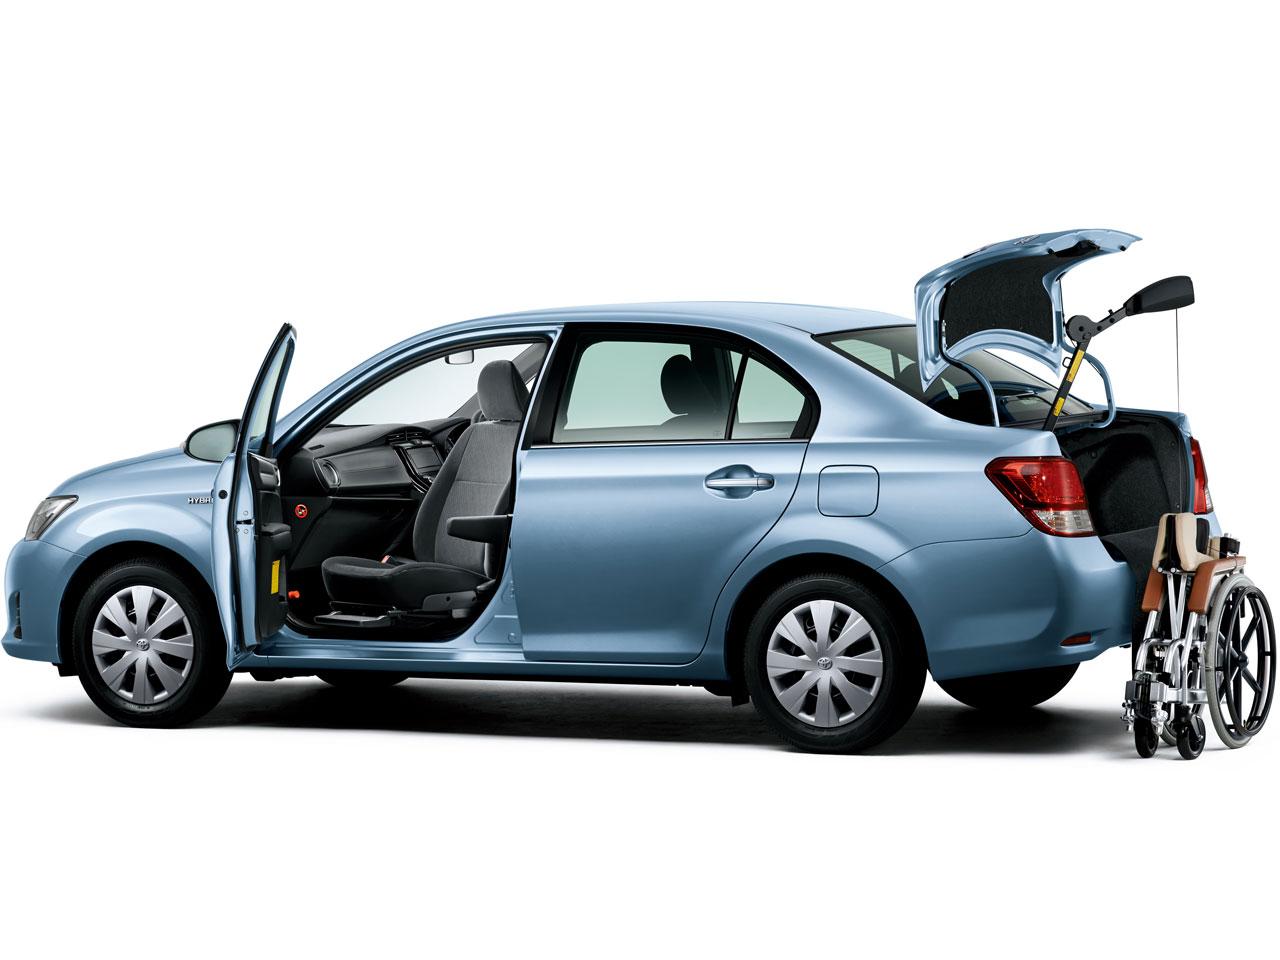 トヨタ カローラ アクシオ 福祉車両 2012年モデル 新車画像